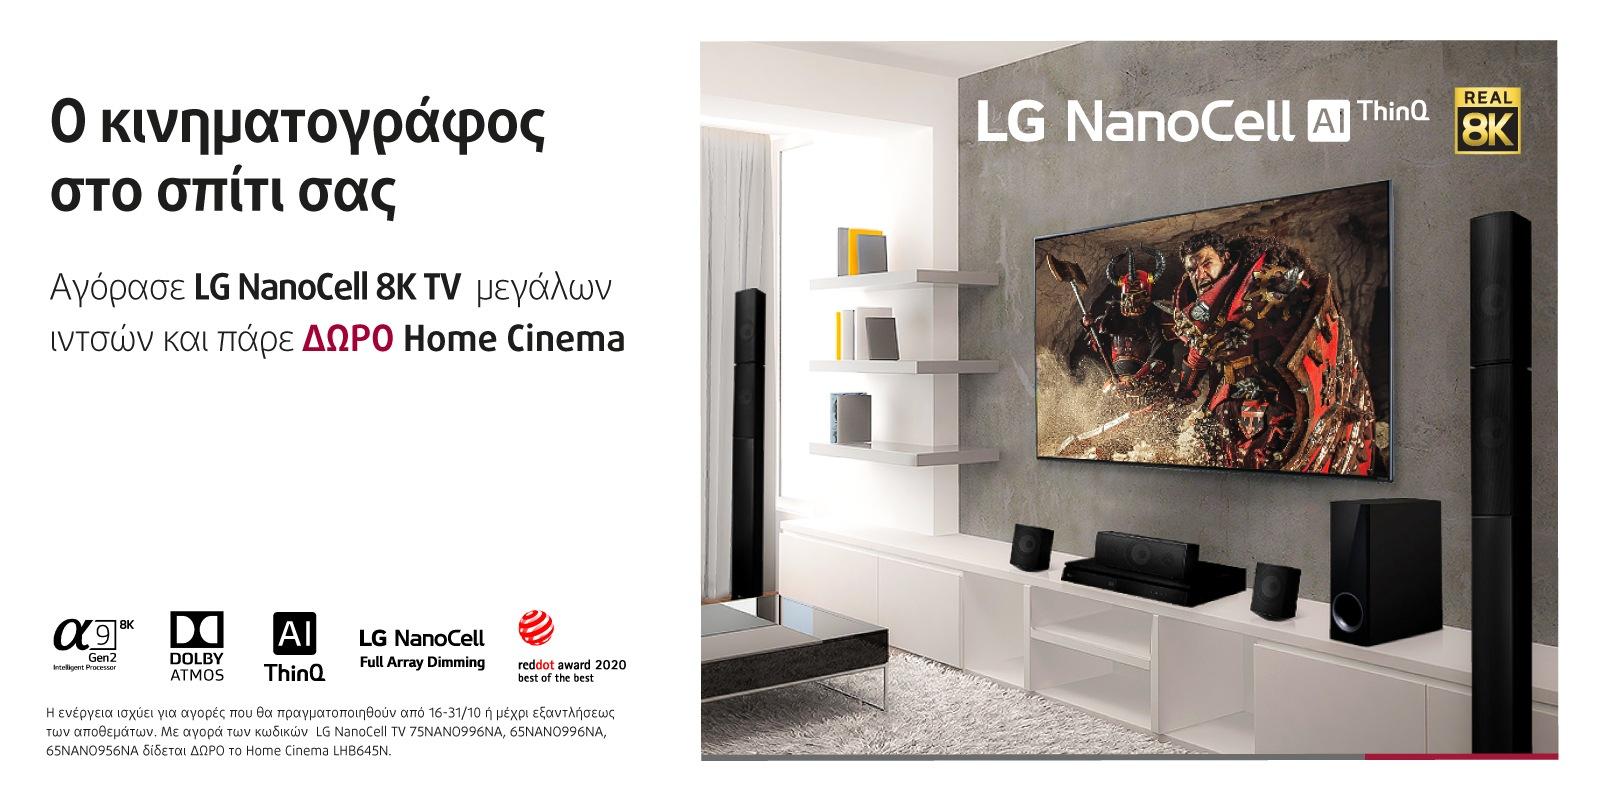 lg nanocell 8k promo